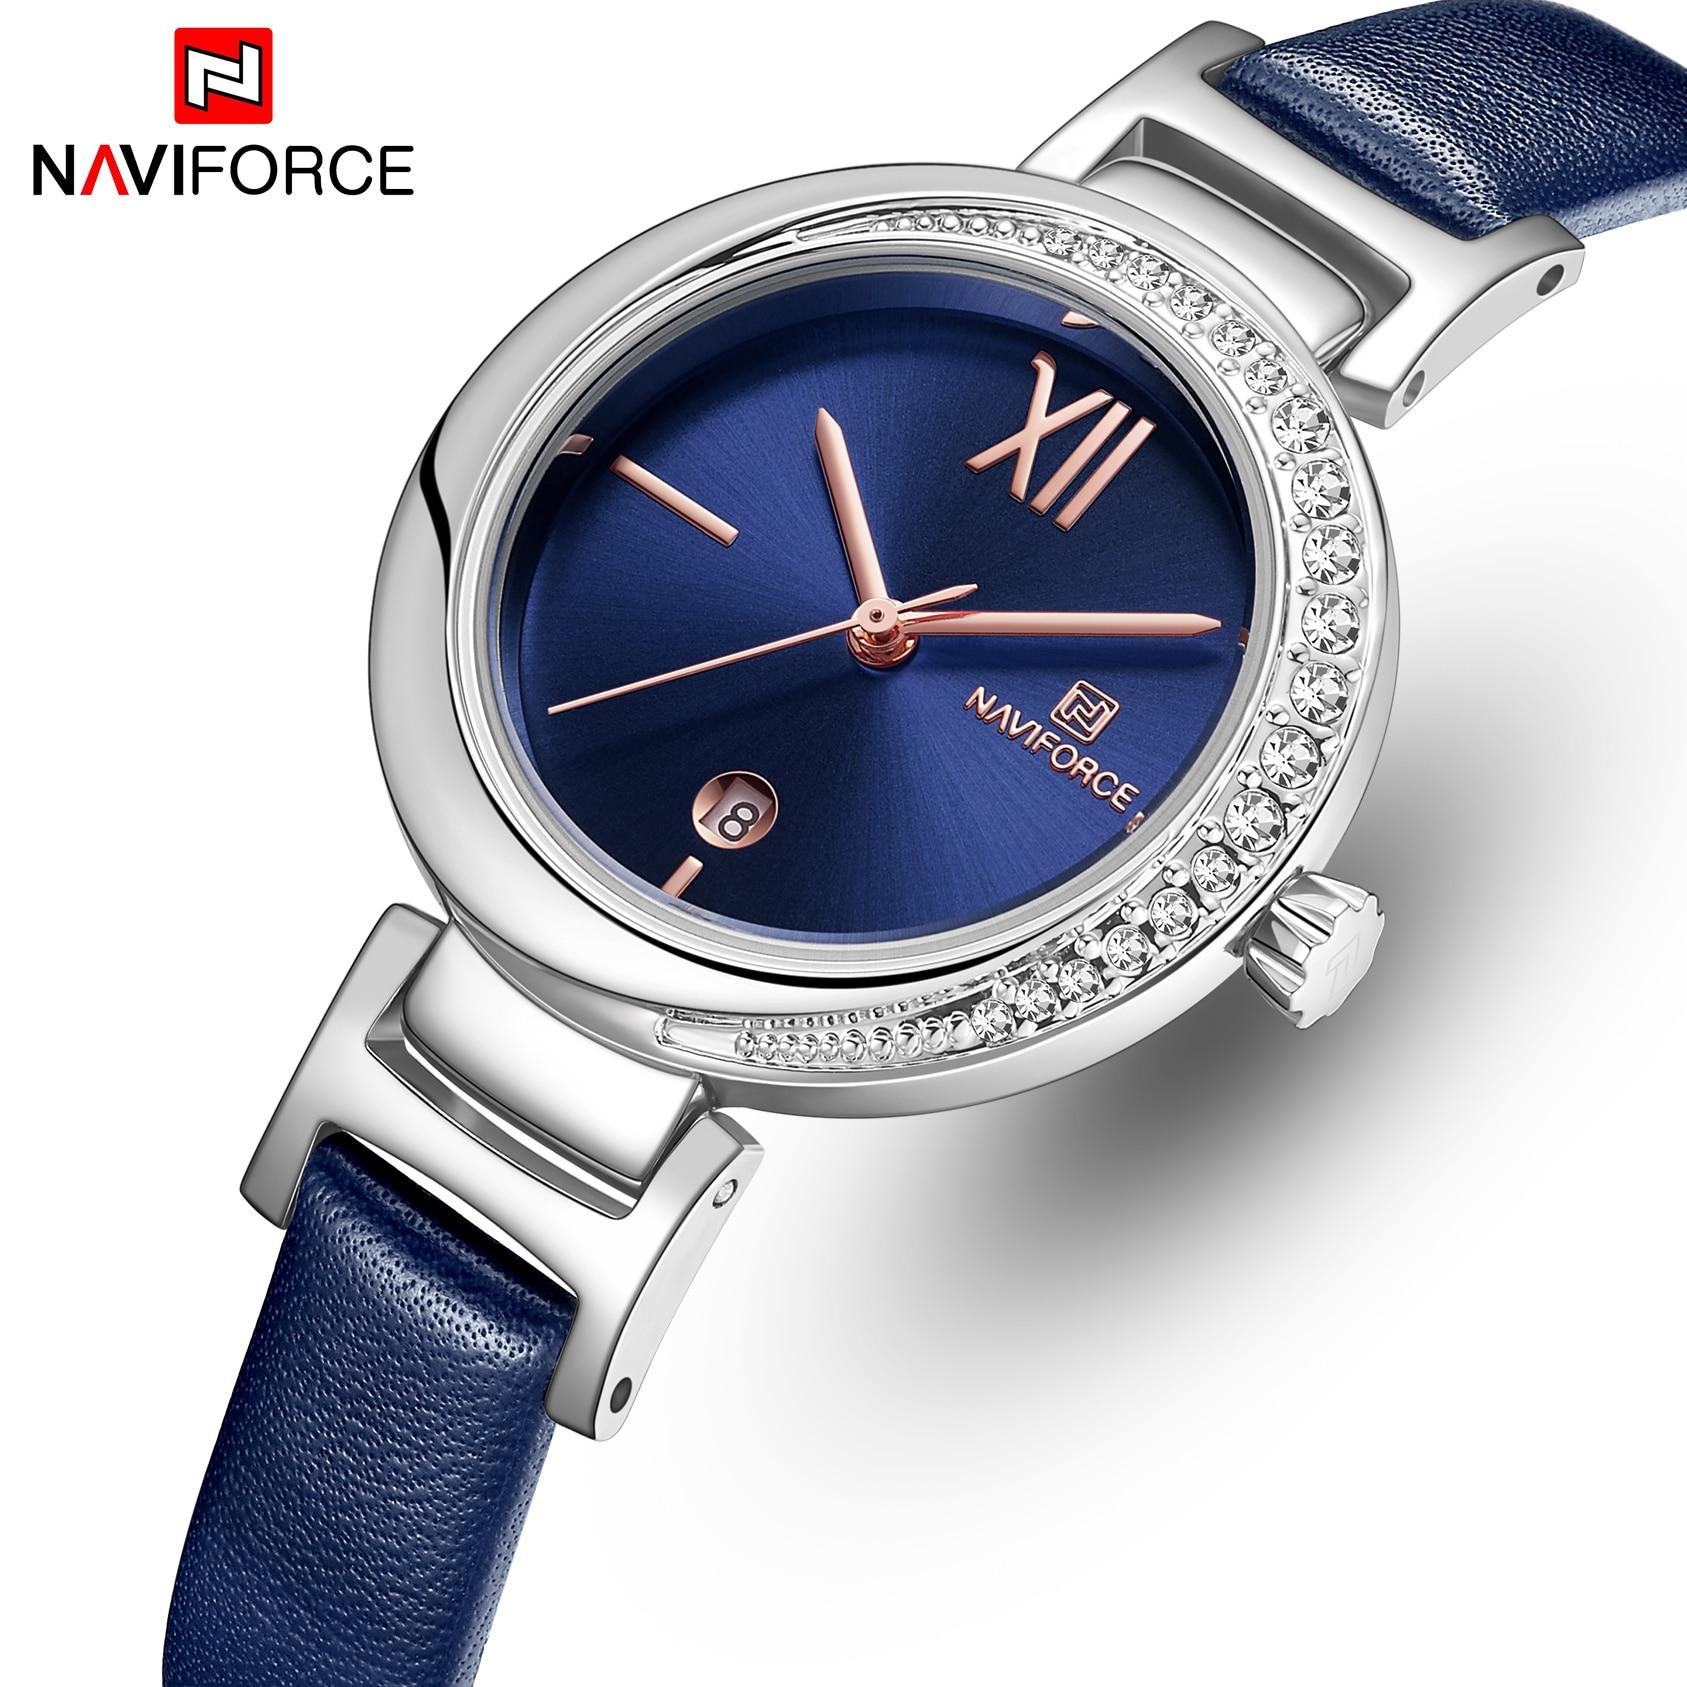 NaviForce NF5007